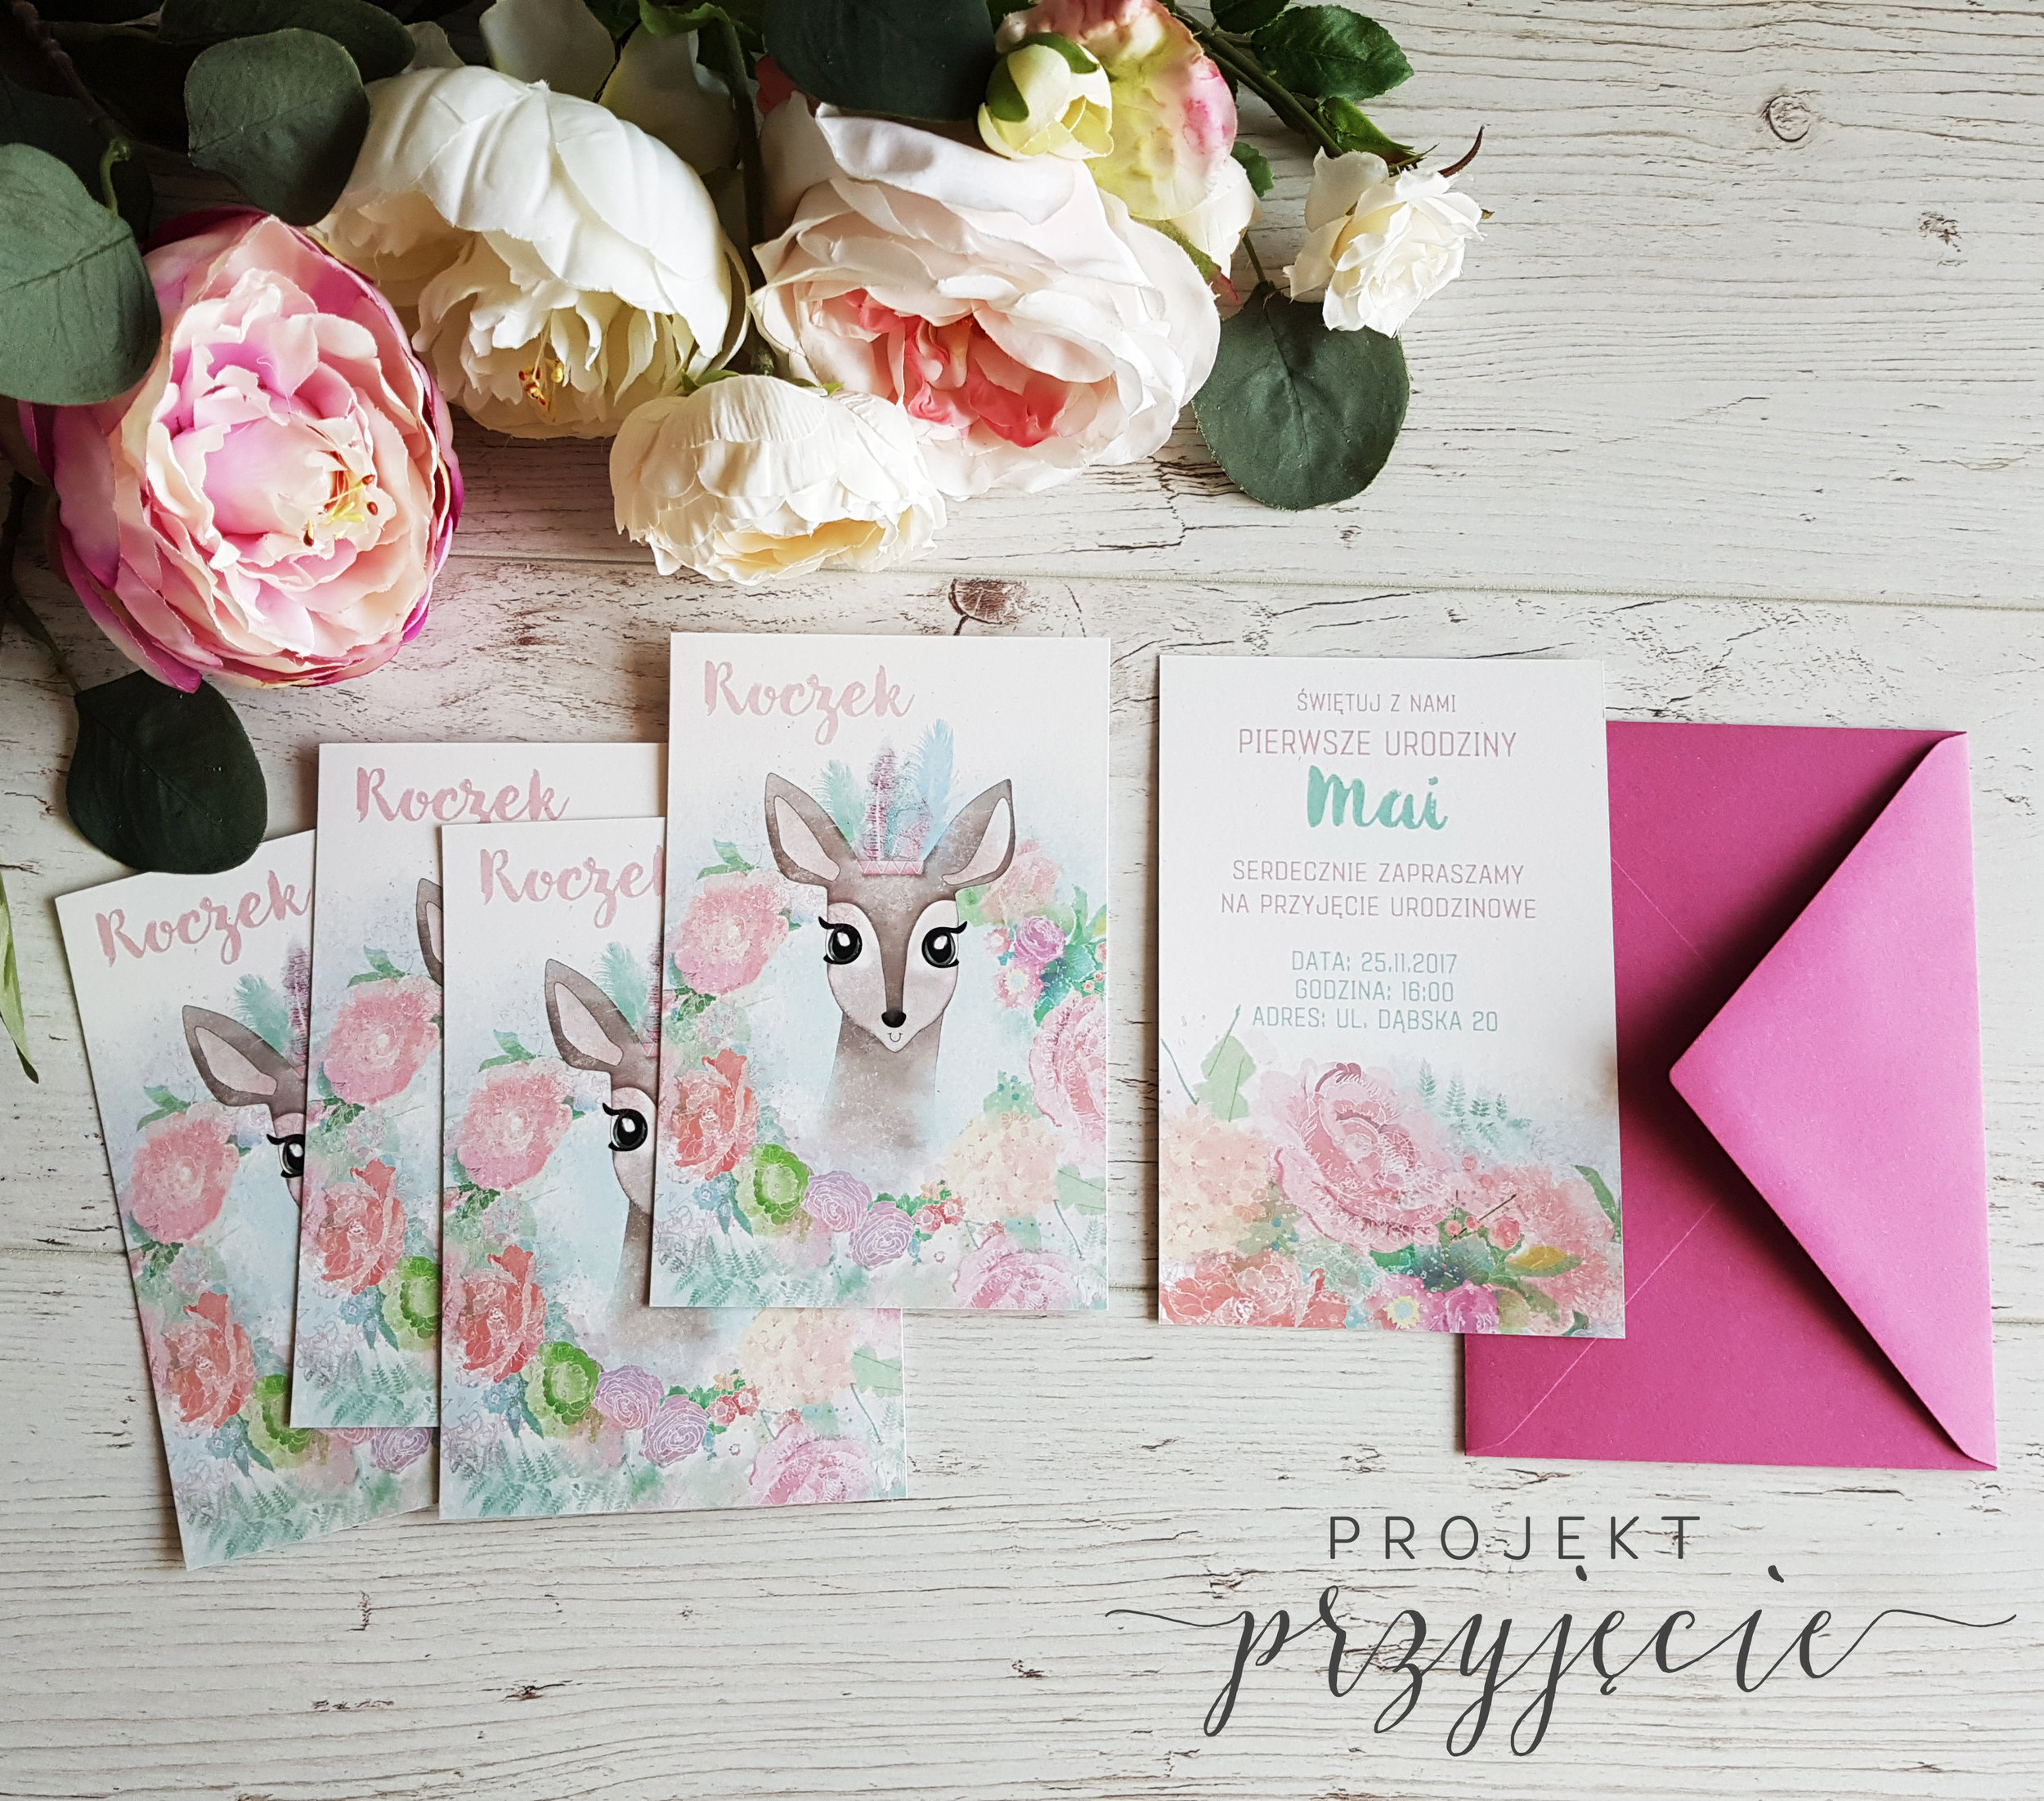 projekt-przyjecie-dekoracje-urodzinowe-papeteria-okolicznosciowa-personalizowana-boho-rustykalne-piki-girlanda-tabliczki-kwiaty-dla-dziewczynki (3).jpg